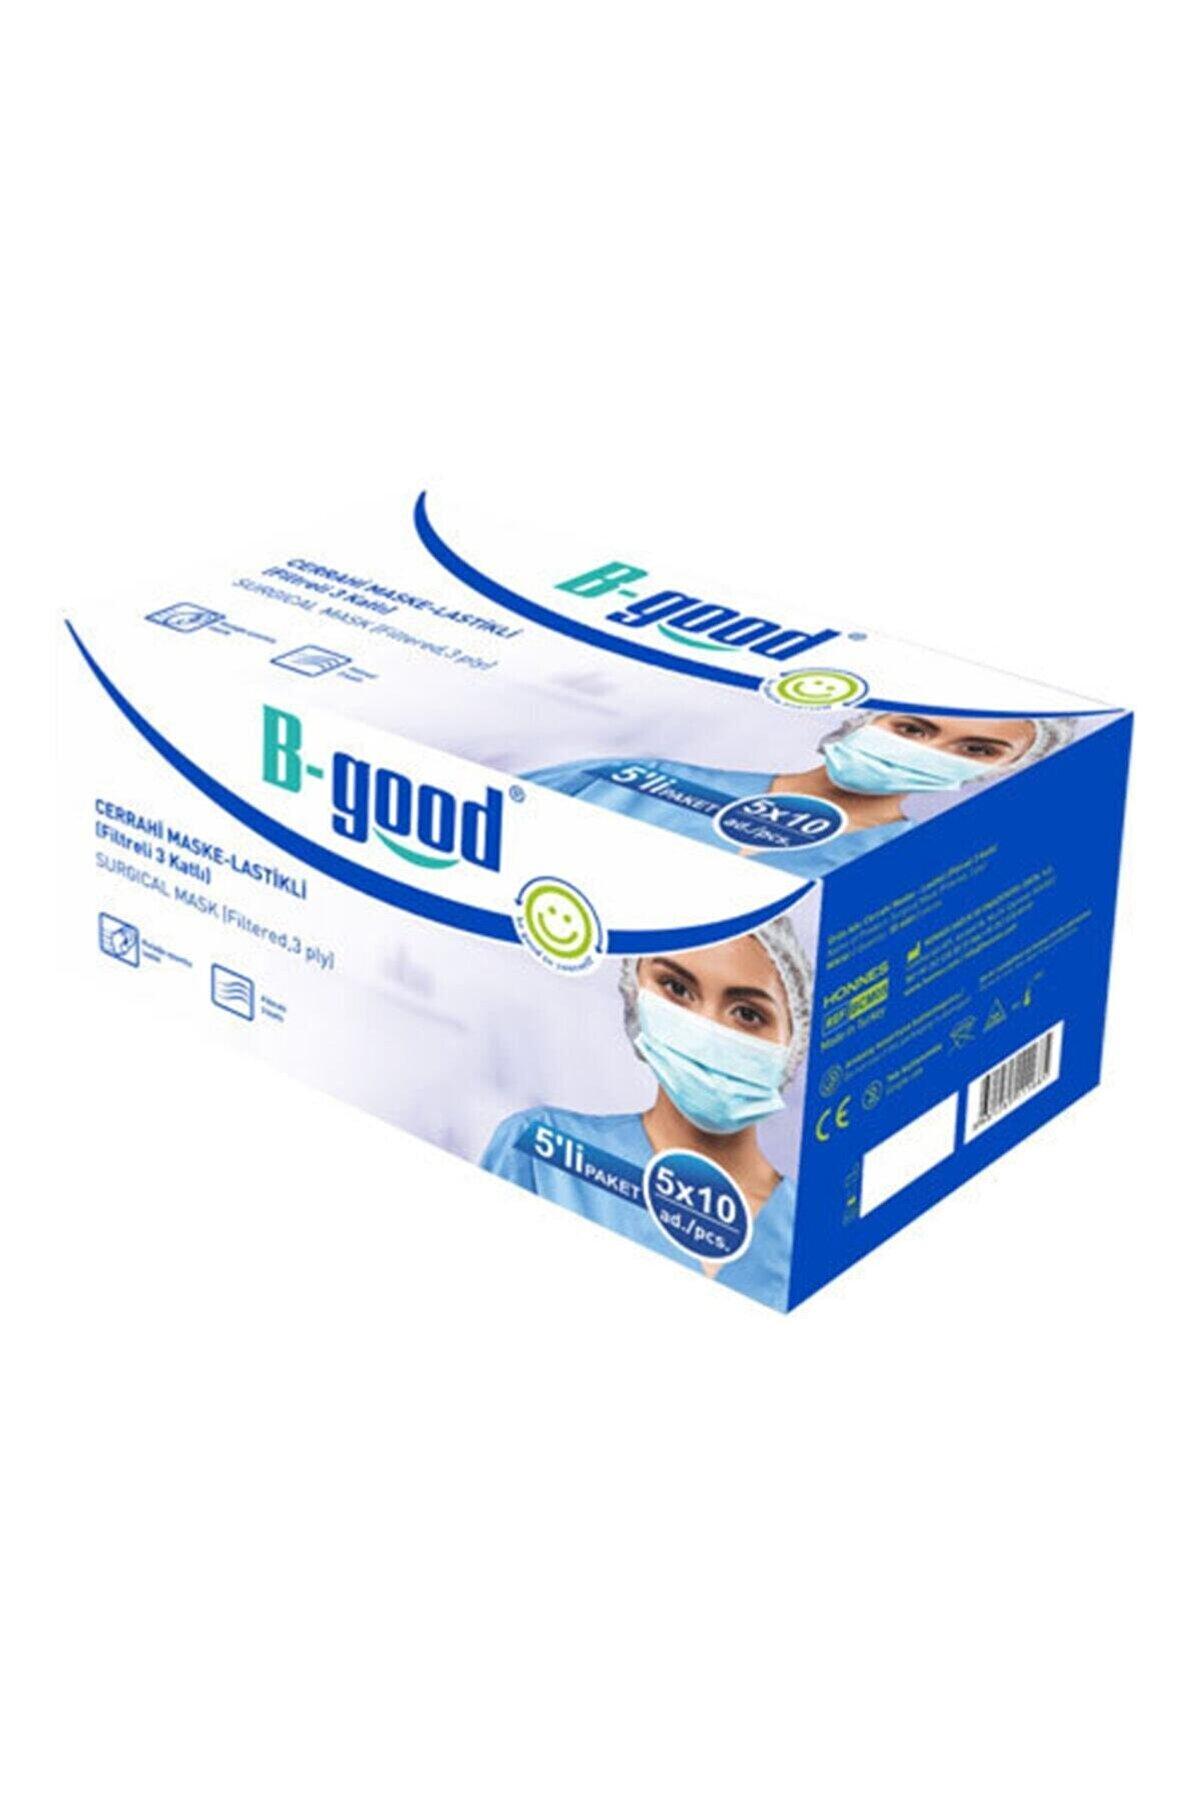 B-GOOD Cerrahi Maske Mavi 3 Katlı Burun Telli 5'li Paket